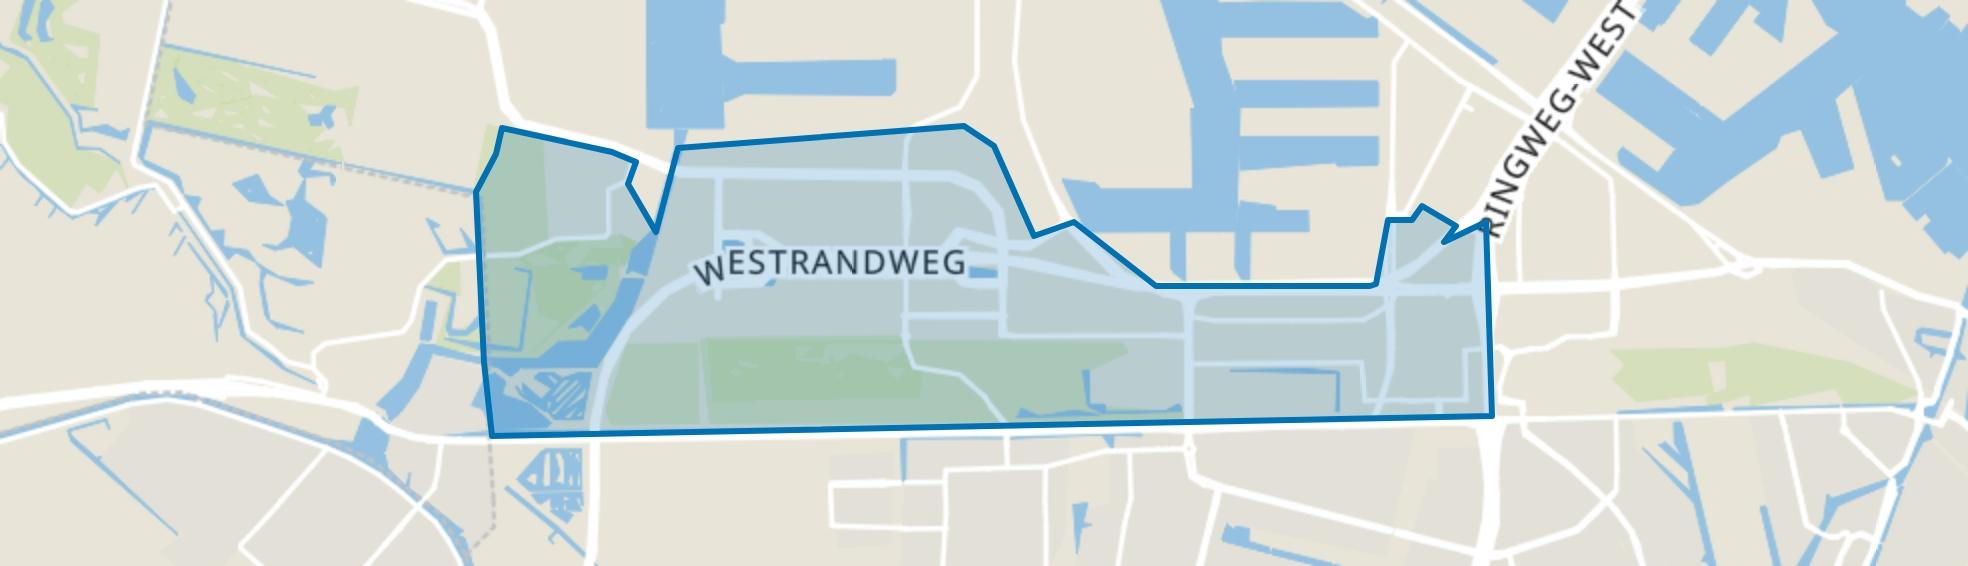 Bedrijventerrein Sloterdijk, Amsterdam map